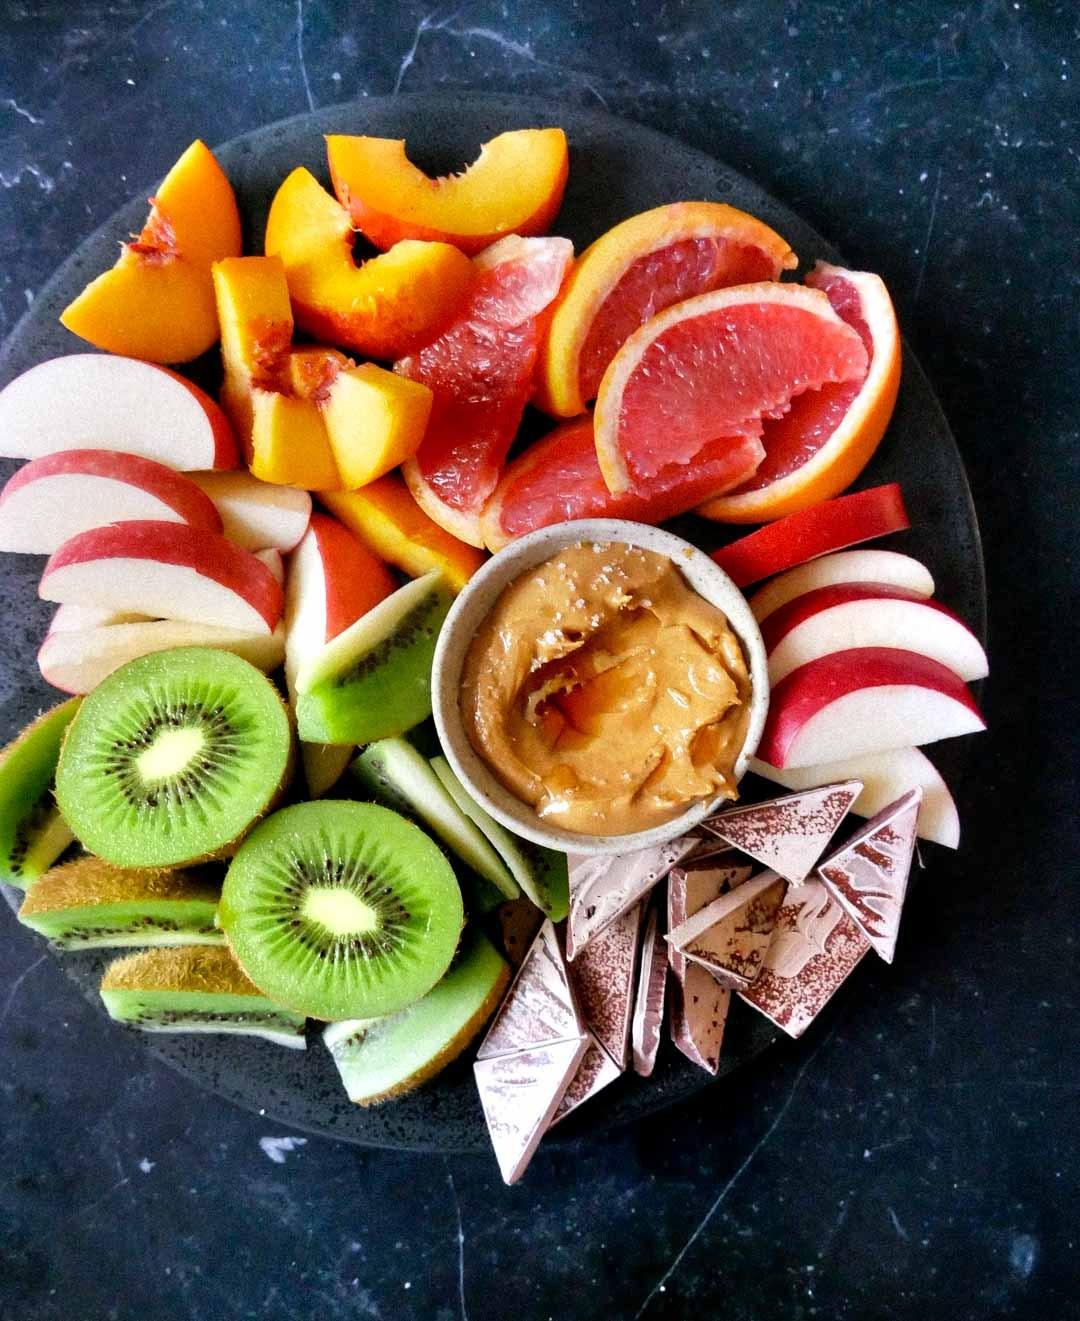 easy vegan snack ideas